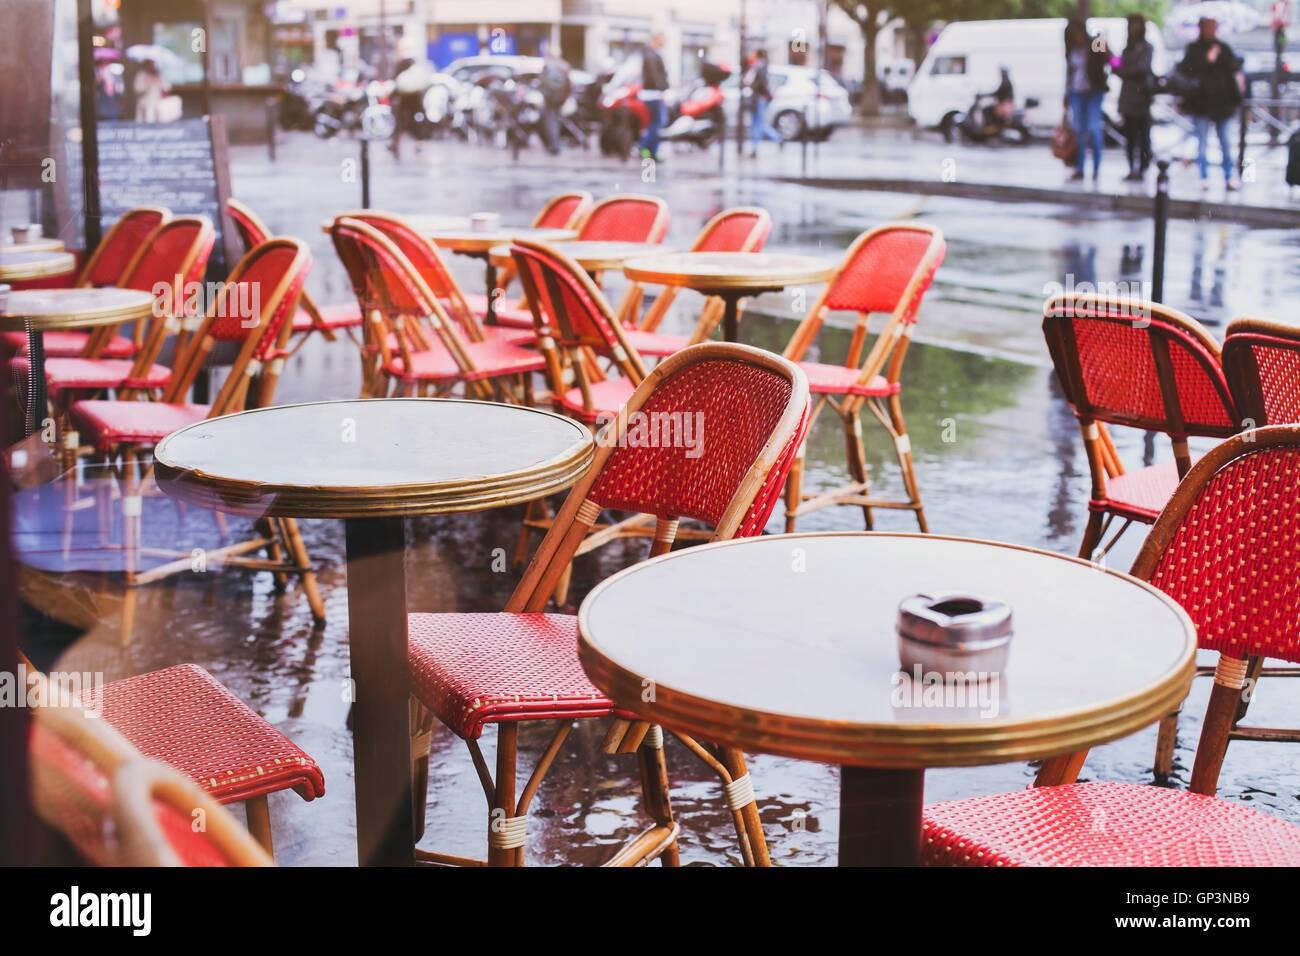 Paris Cafe Tables And Rain Stock Photos Paris Cafe Tables And Rain - Paris cafe table